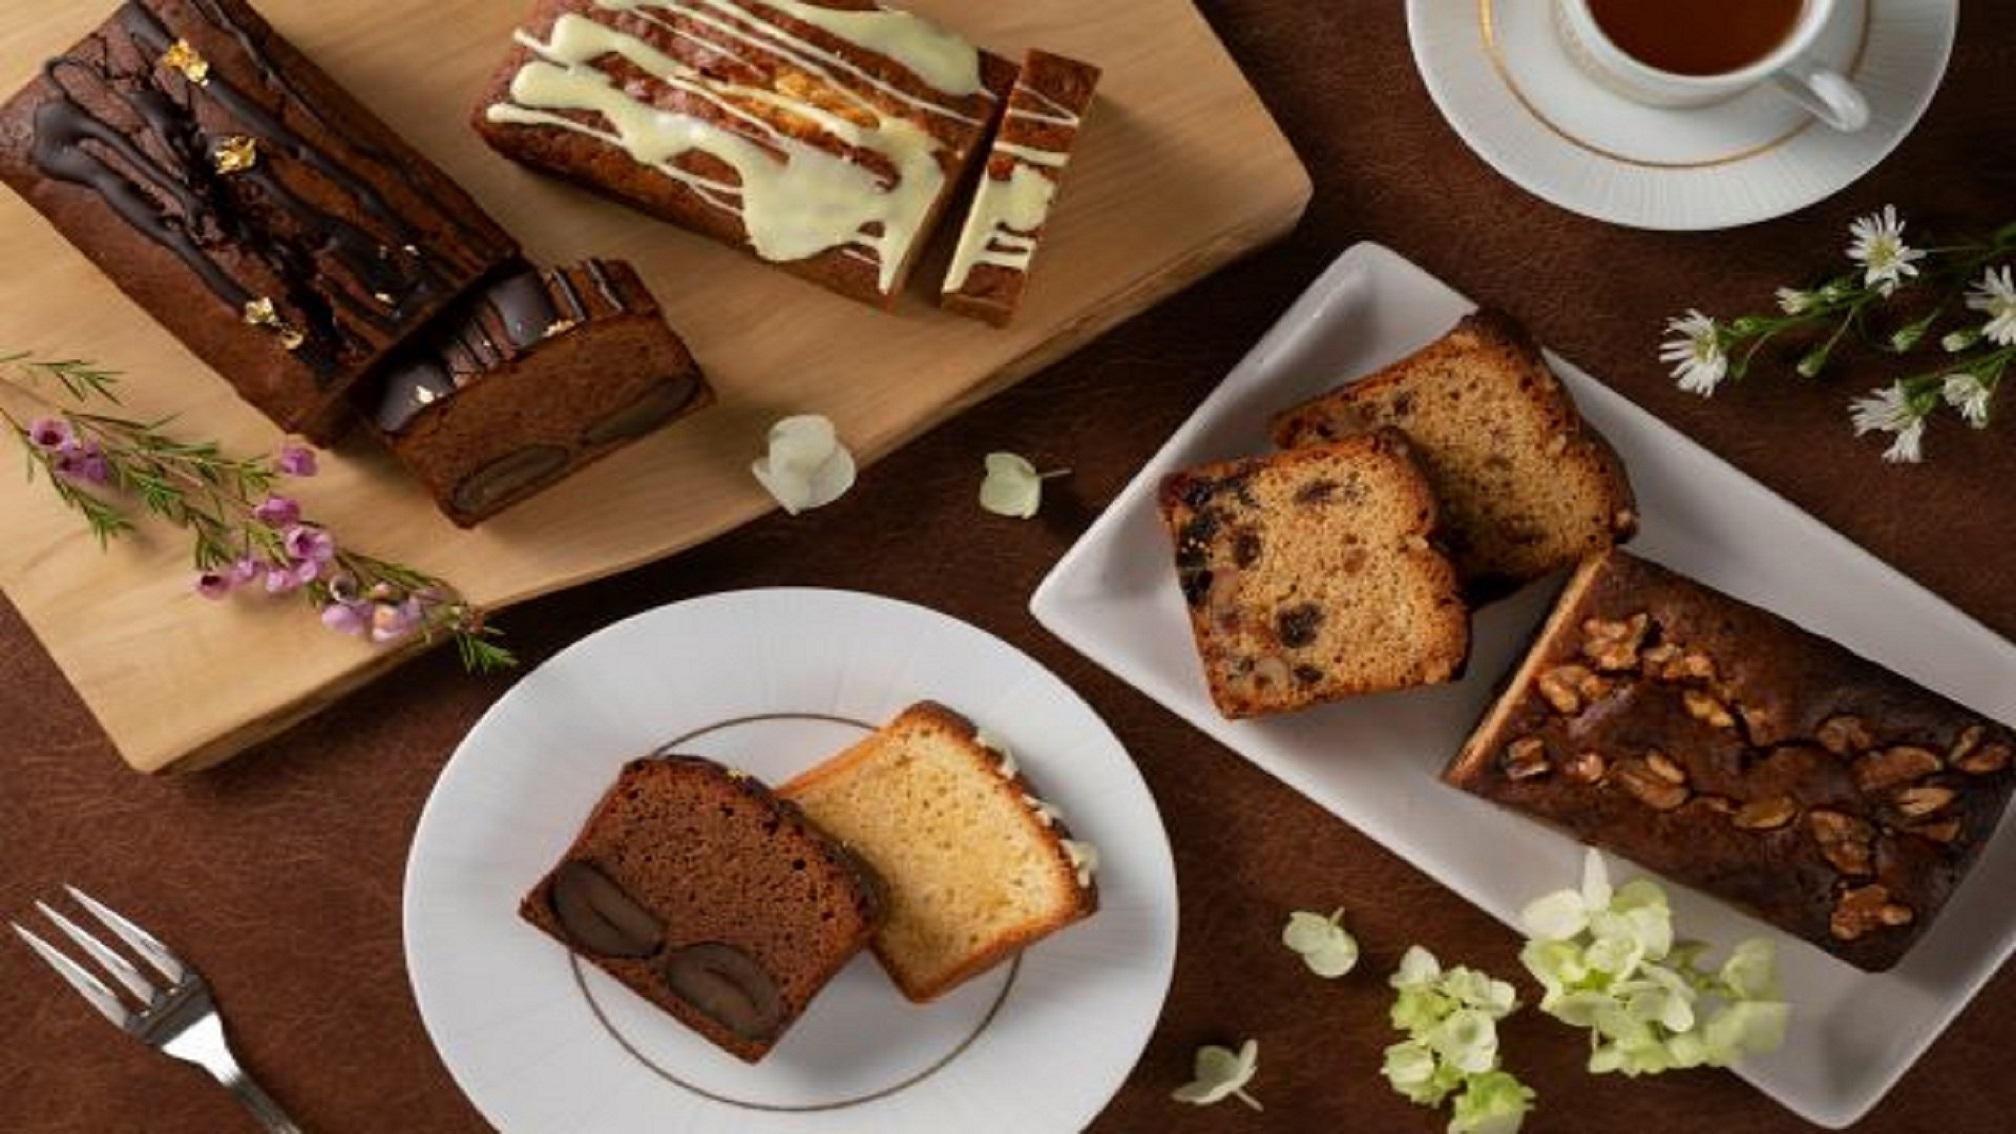 【ティーラウンジ クローバー】パティシエが心を込めて作る、オリジナルパウンドケーキのテイクアウト商品